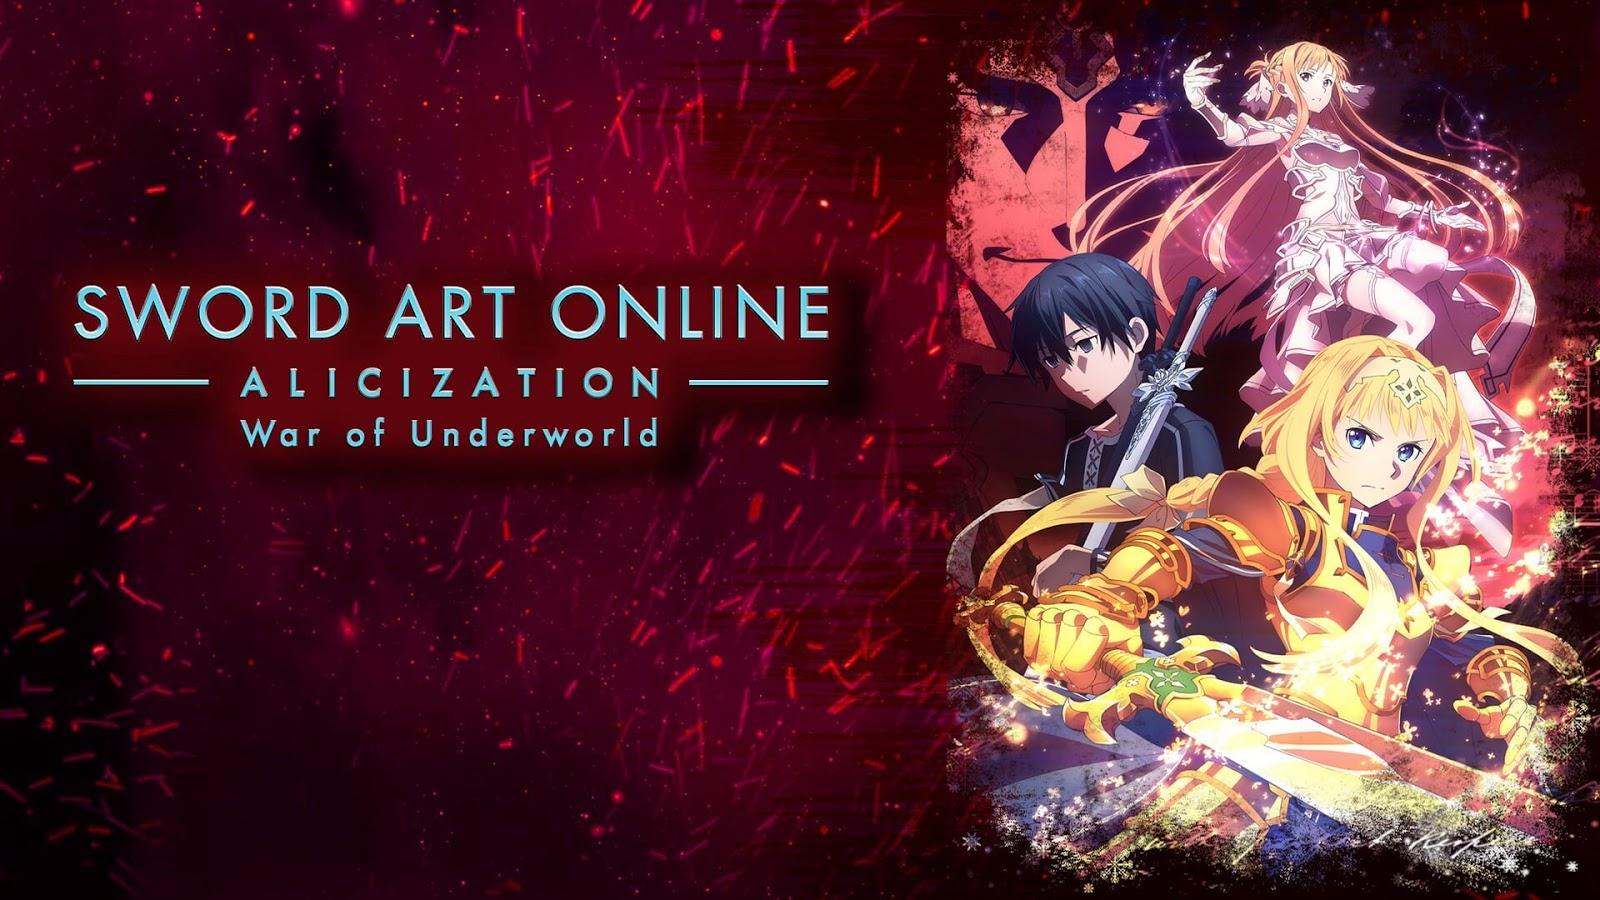 انمى Sword Art Online: Alicization الموسم الثانى مترجم أونلاين كامل تحميل و مشاهدة